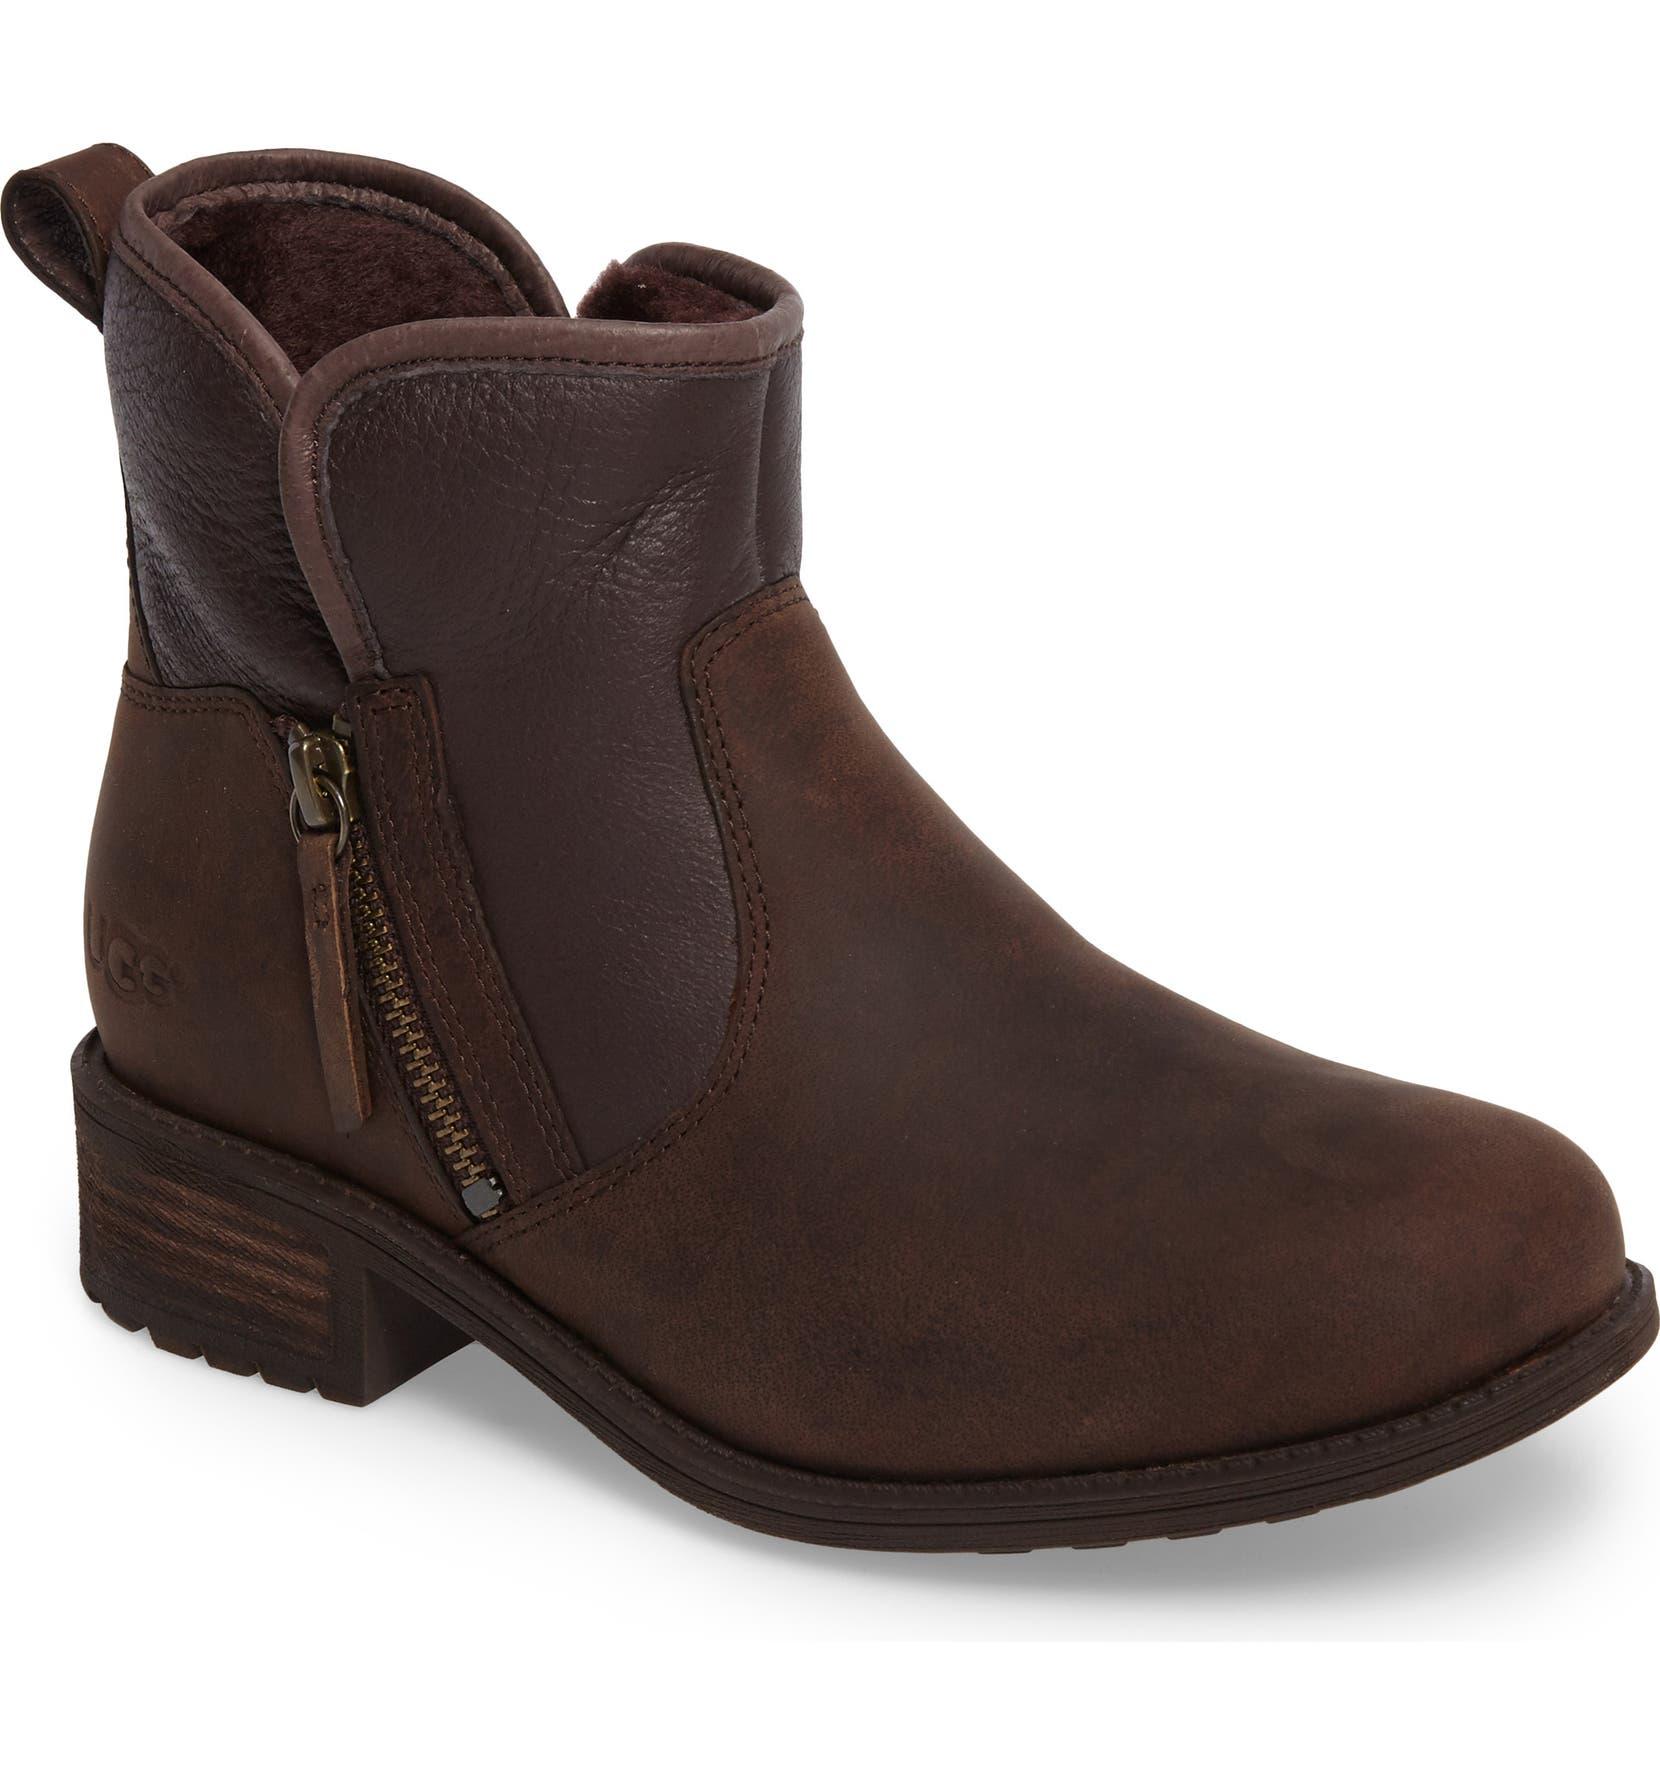 9d4842a1fc8 Lavelle Boot